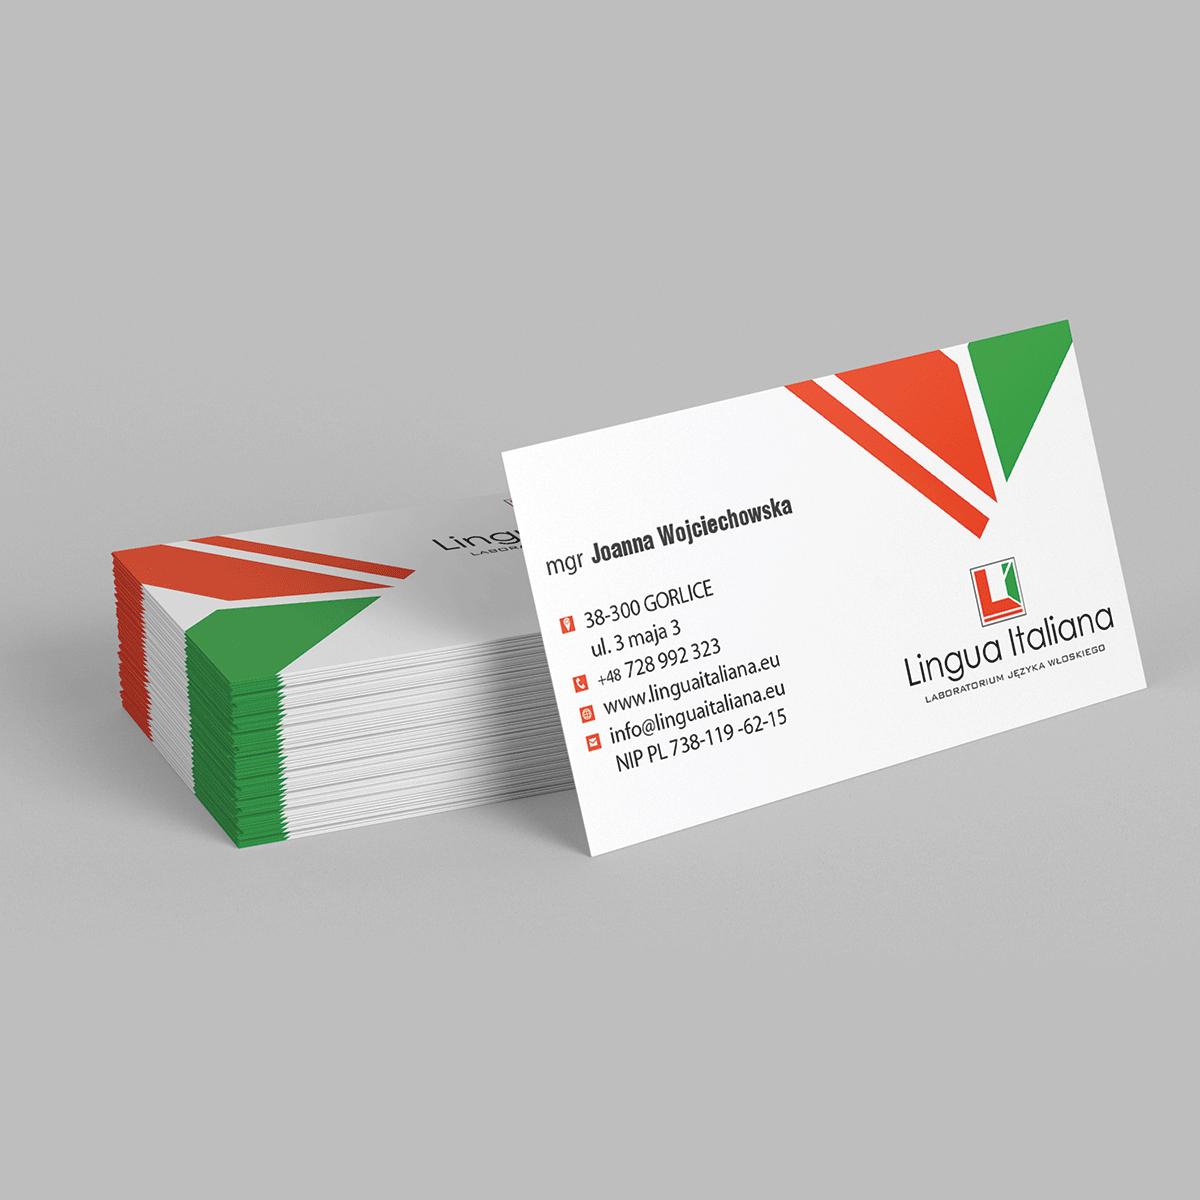 Wizytówki 90x50mm, projekt + druk - realizacja dla szkoły Lingua Italiana